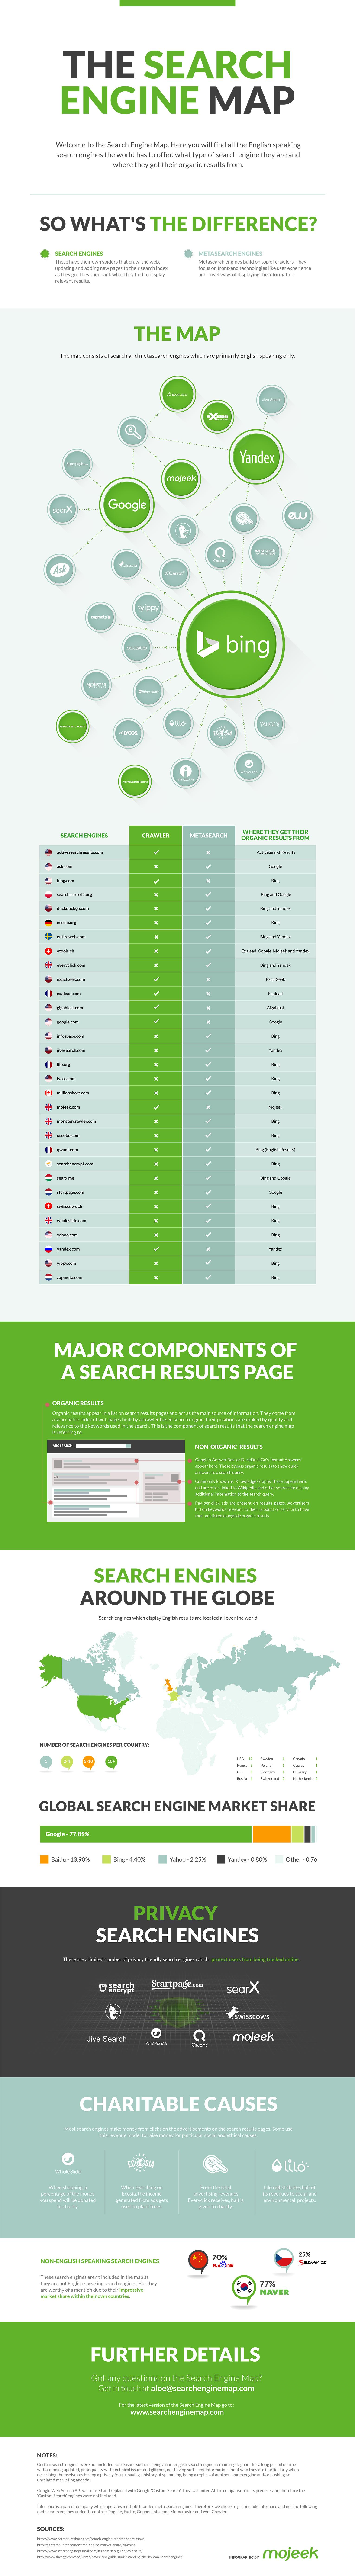 Les moteurs de recherche dans le monde